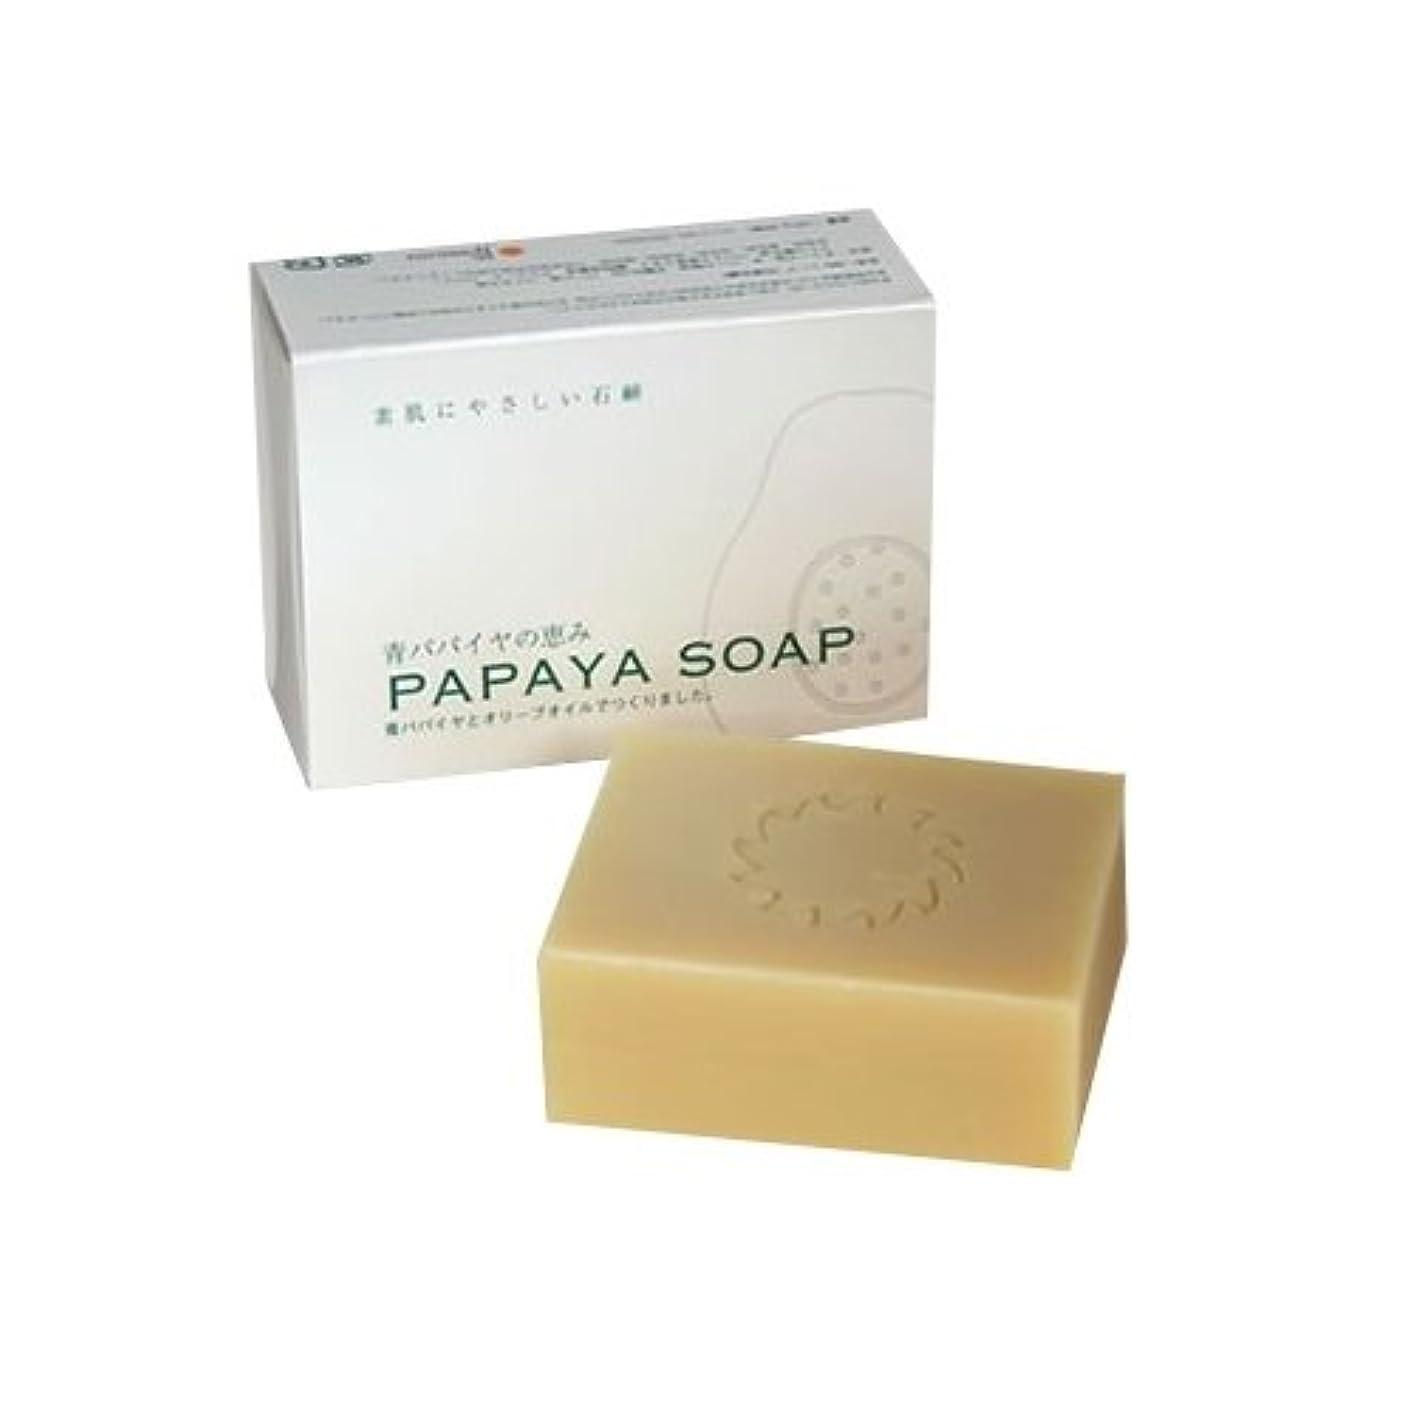 驚くばかりフレッシュ連続的青パパイヤの恵み PAPAYA SOAP(パパイヤソープ) 100g